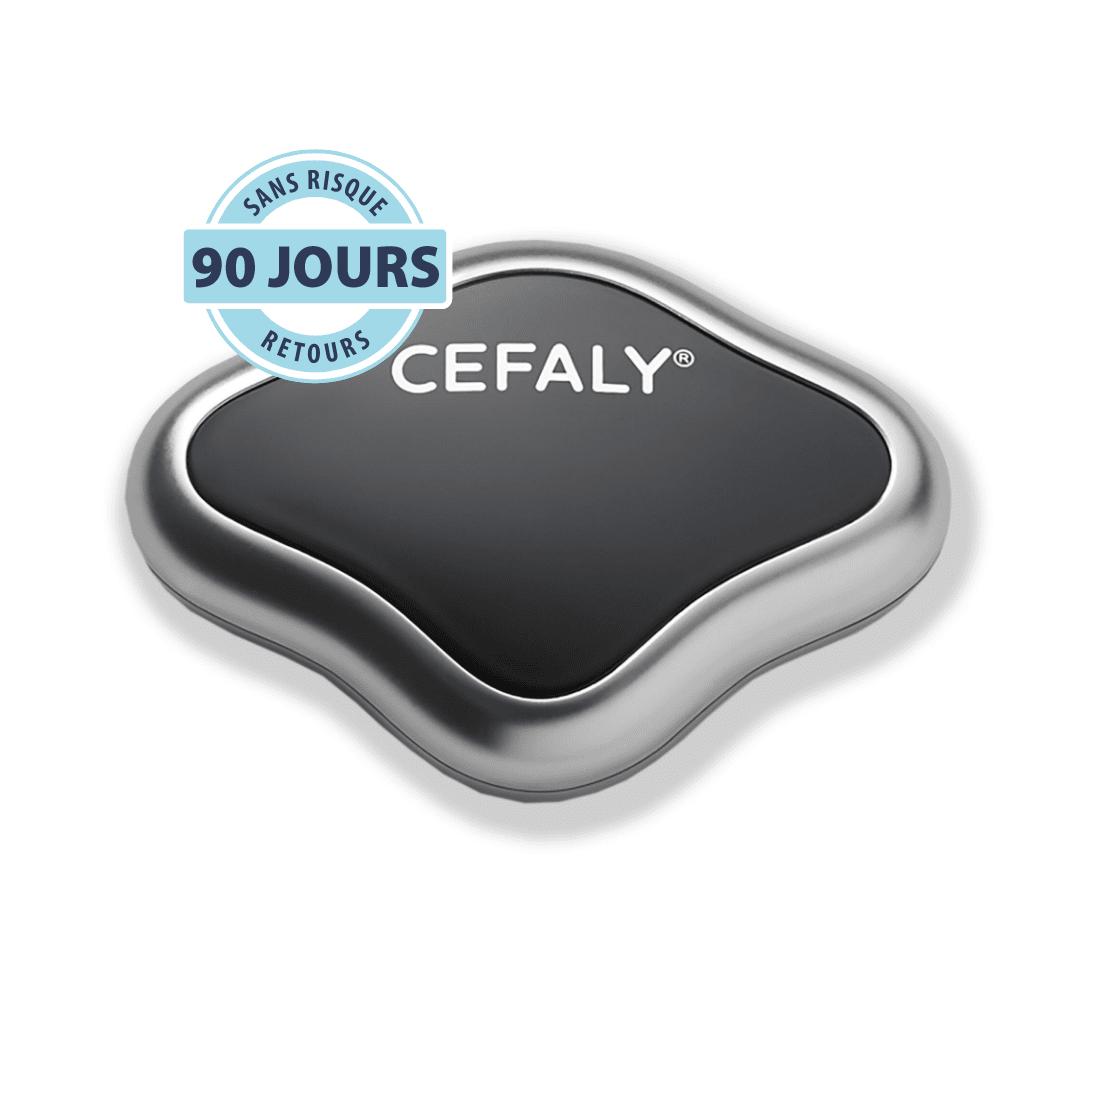 Éléments fournis avec le dispostif de traitement et prévention de la migraine CEFALY 1